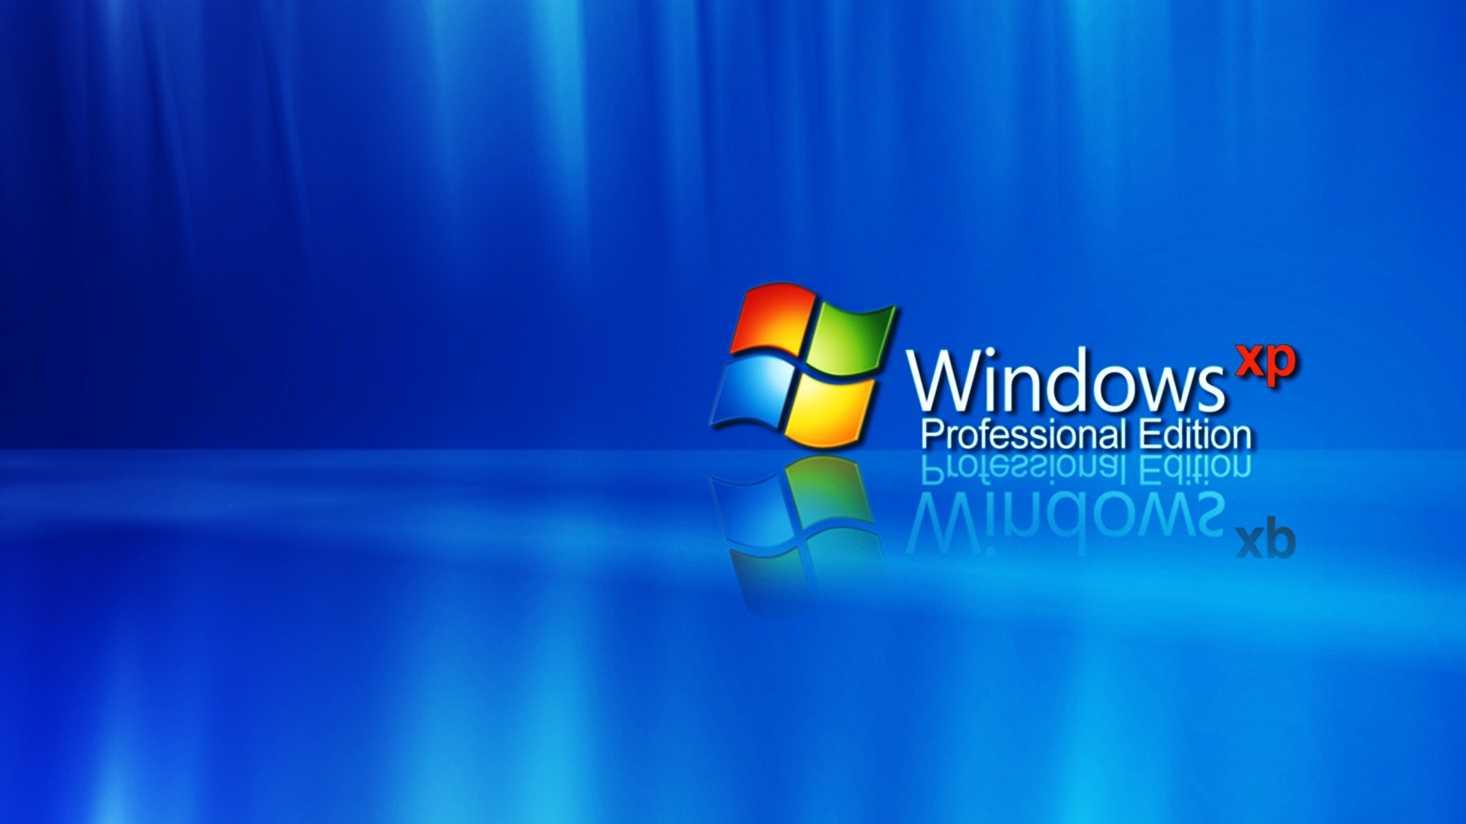 windows xp.jpg